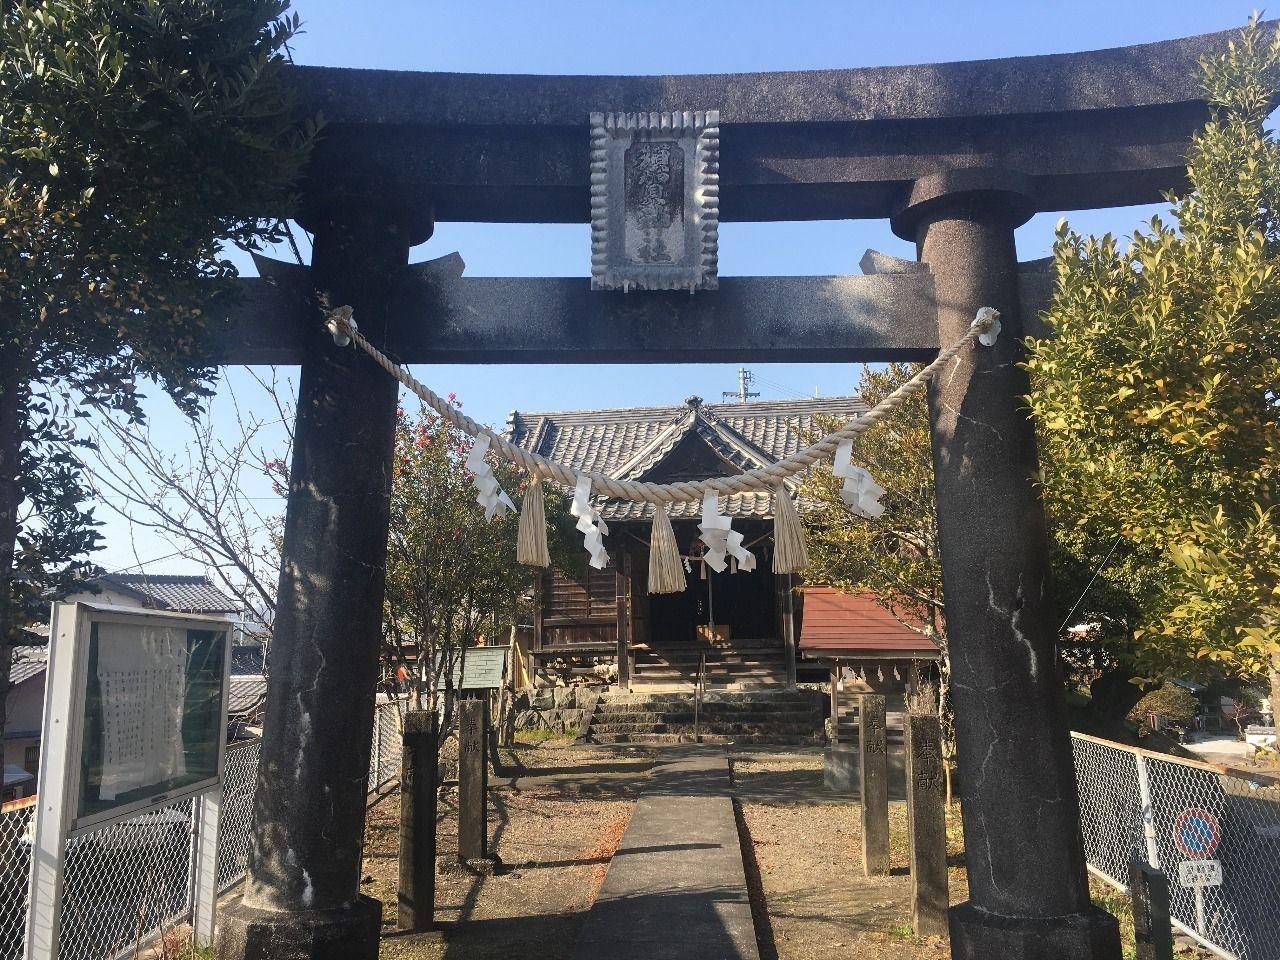 ひっそりと赤鉄橋のそばに佇む須賀神社